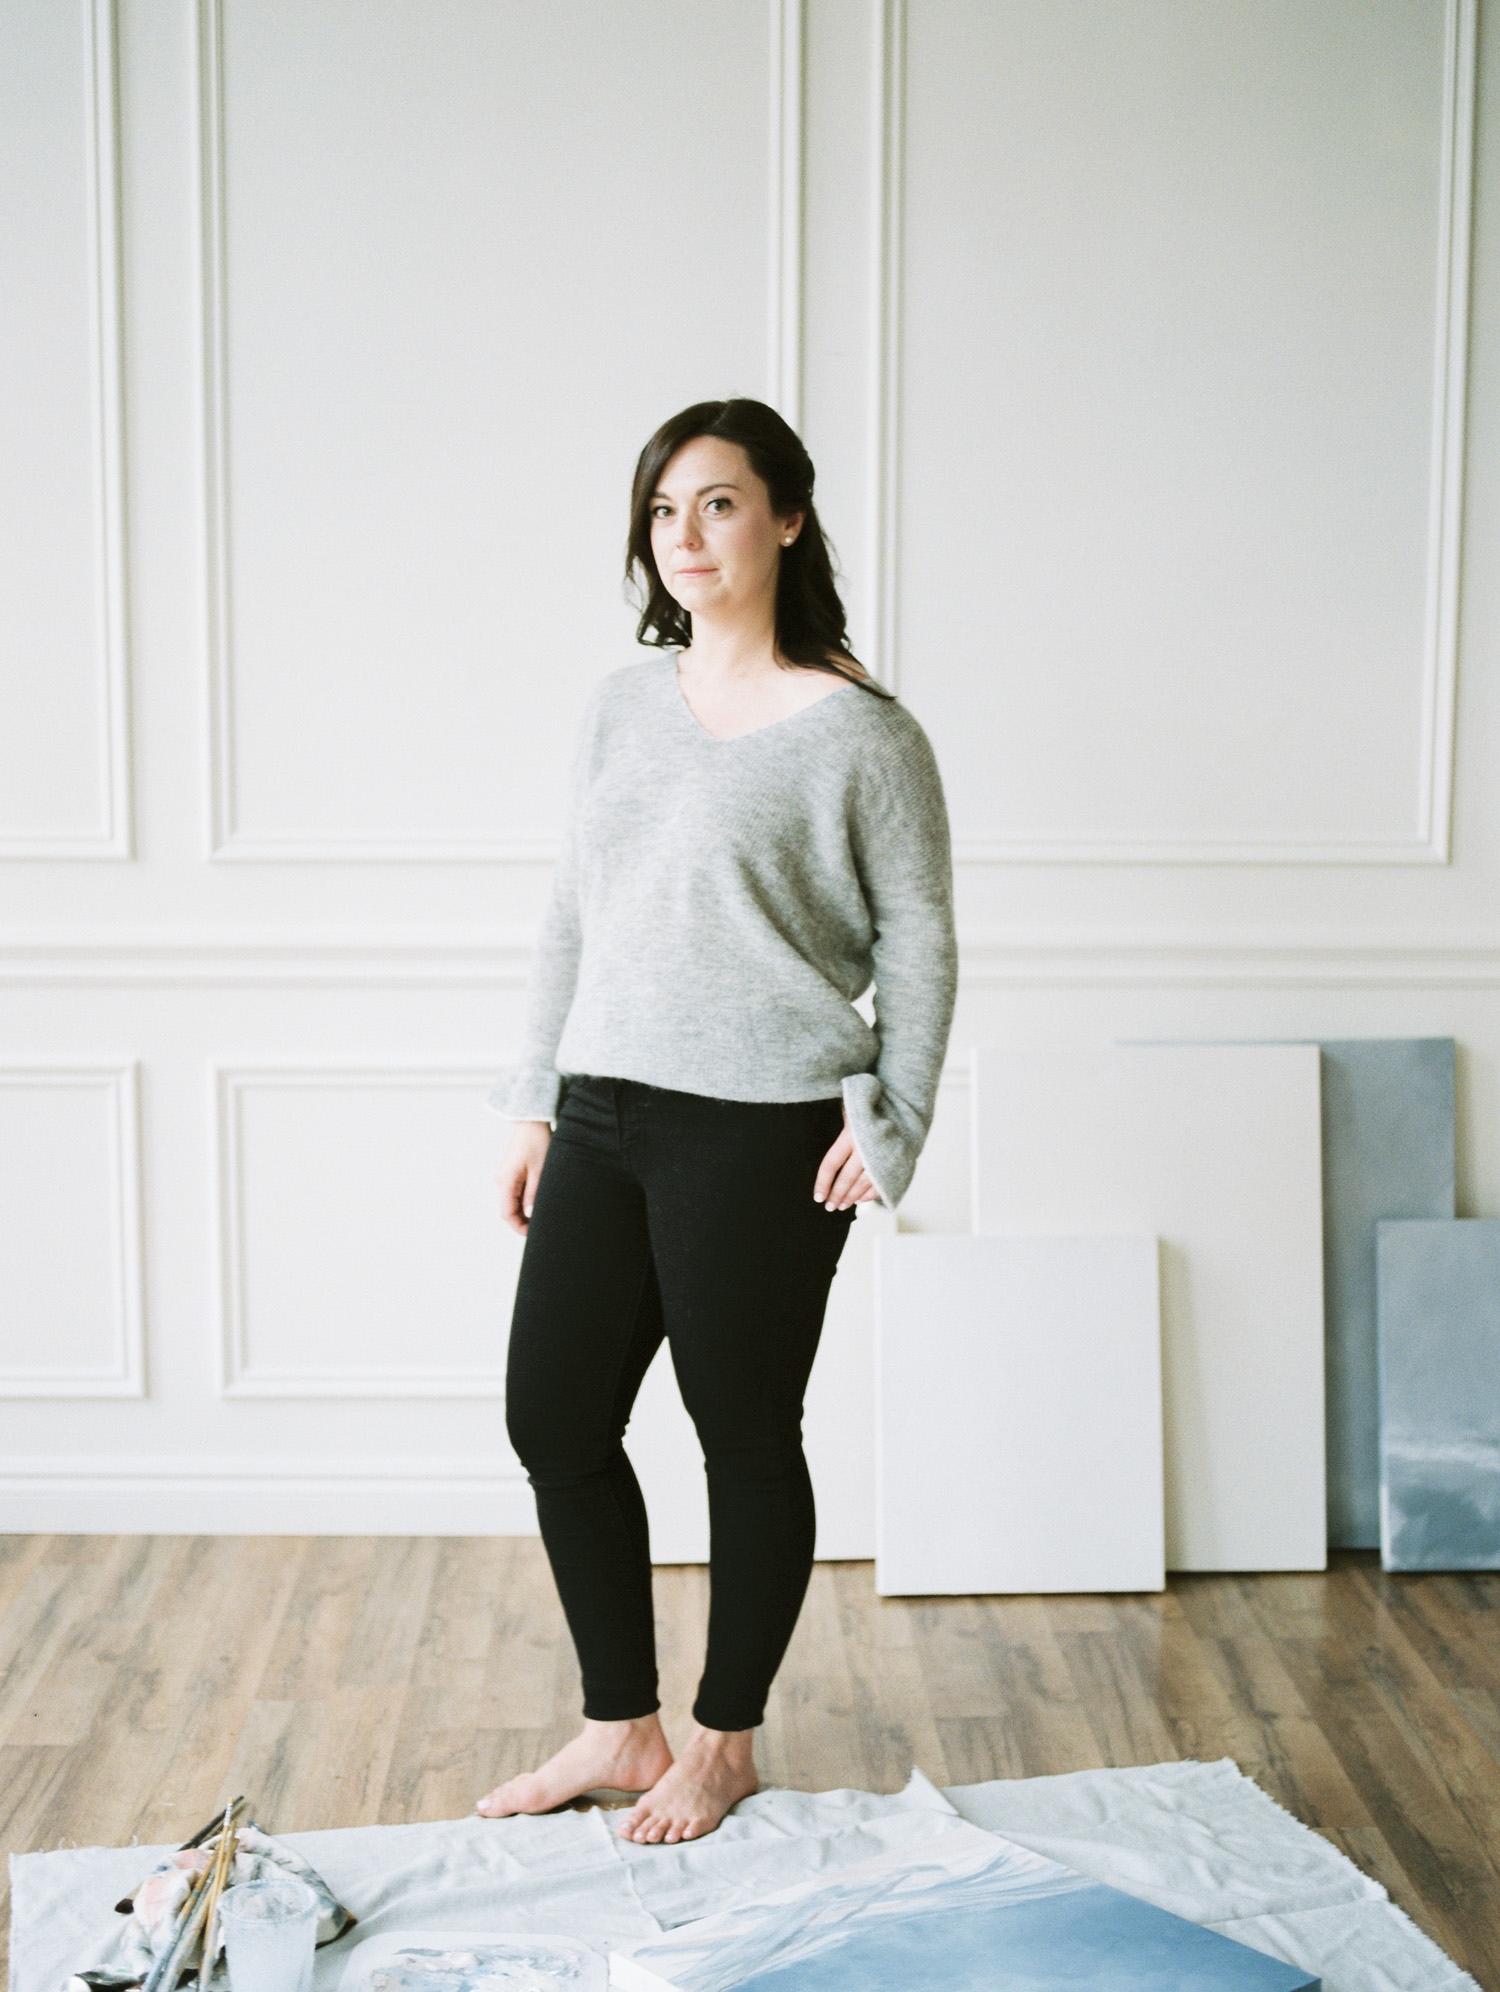 Artist Erin Braun captured on film in a Detroit, Michigan studio during her brand photoshoot